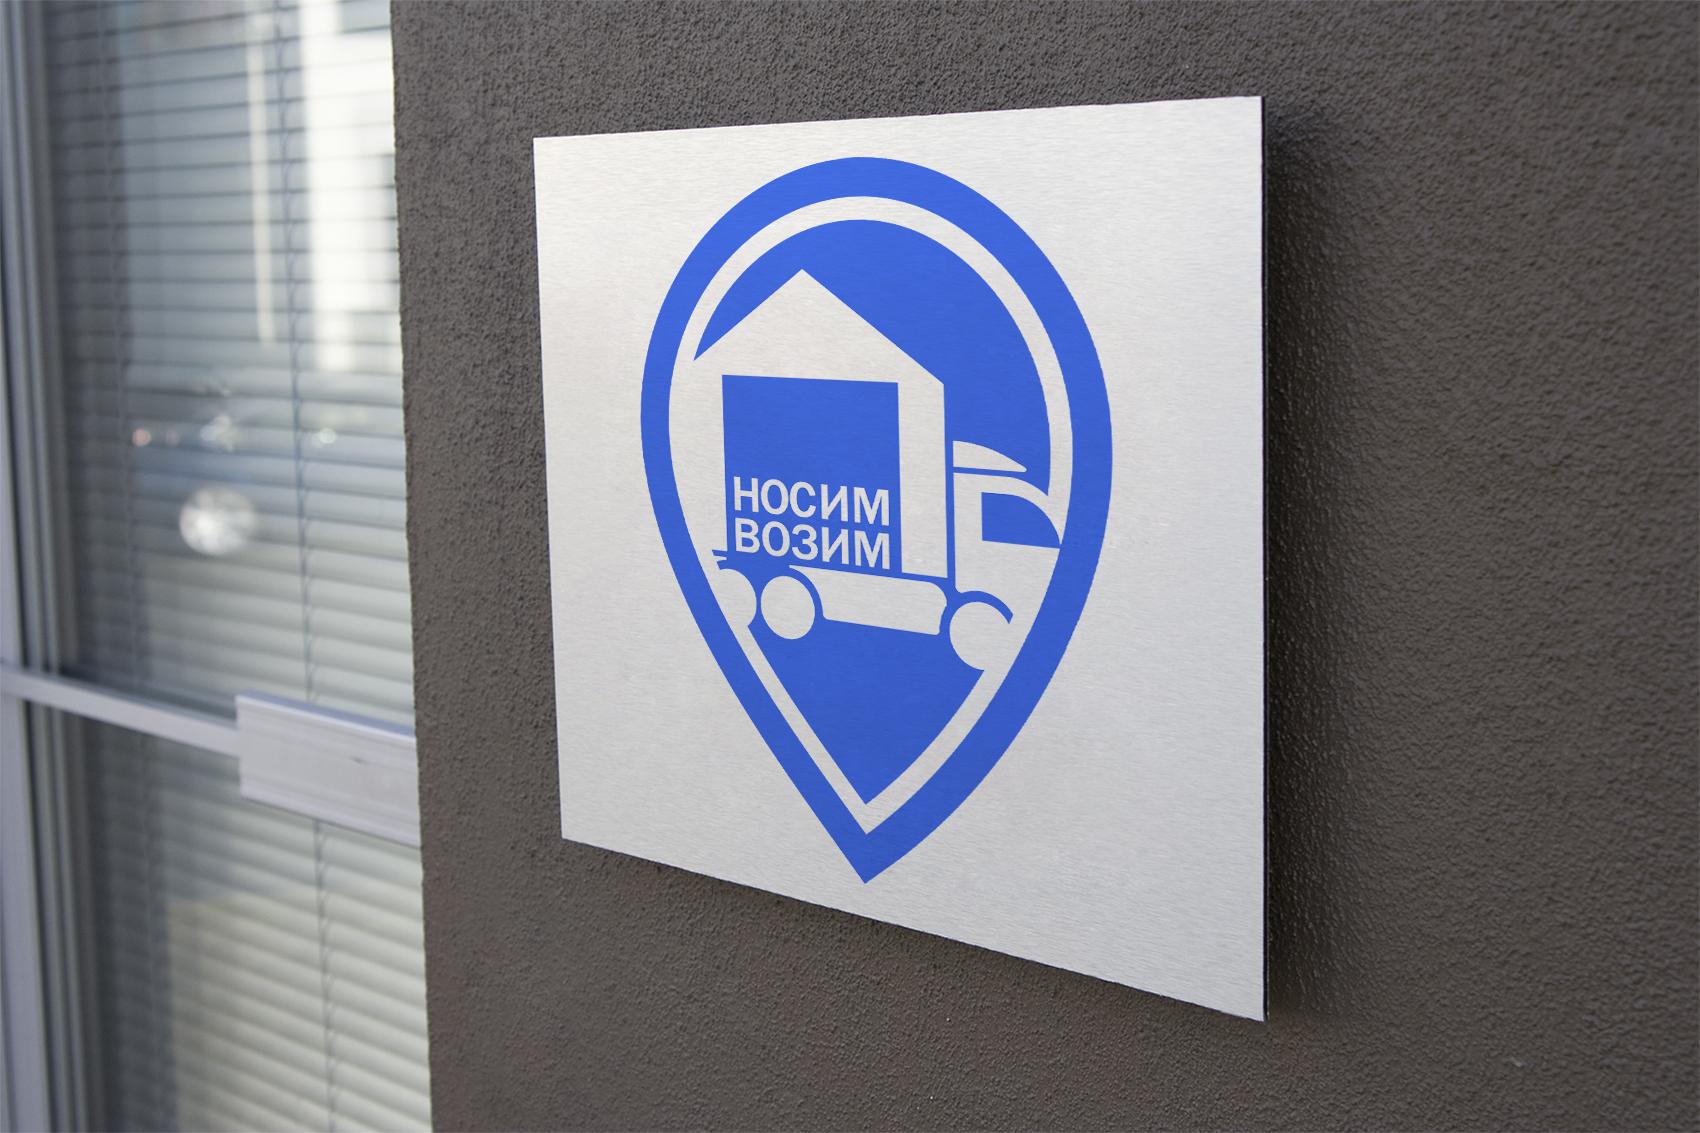 Логотип компании по перевозкам НосимВозим фото f_5235cf7a812e2a78.jpg